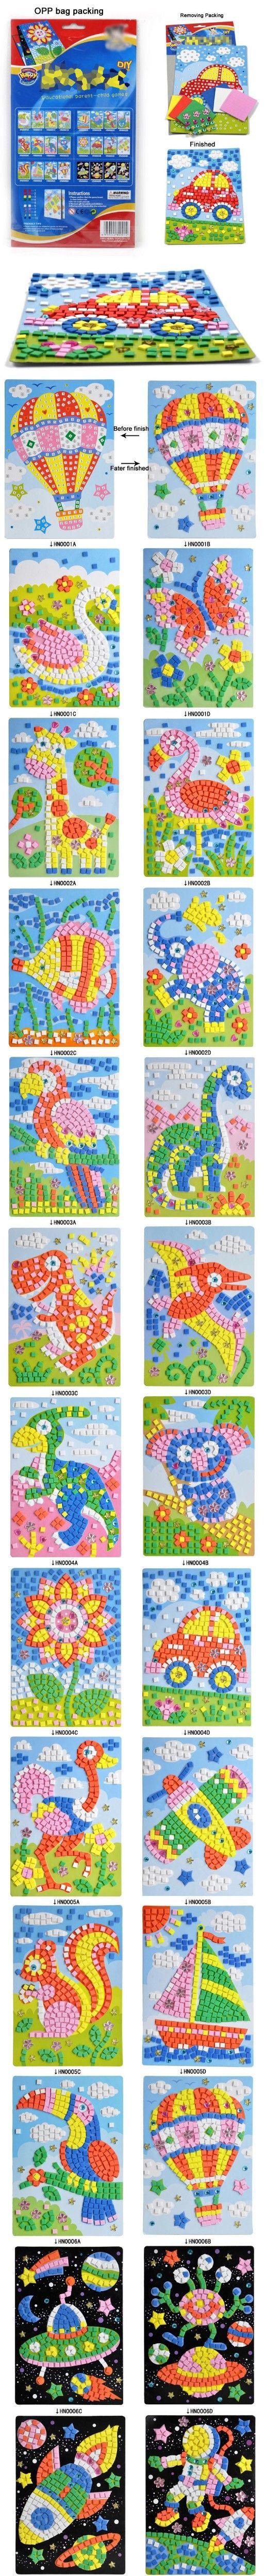 Kinder handwerk 3d eva puzzle matte diy kinder pädagogisches spielzeug für kinder Rätsel Eltern, kawaii tierkind Spiele in Kriegsparteien: Erstickungsgefahr- kleinteile. Nicht für Kinder unter 3 Jahren und muss beused unter Aufsicht von Erwach aus Puzzlespiele auf AliExpress.com | Alibaba Group